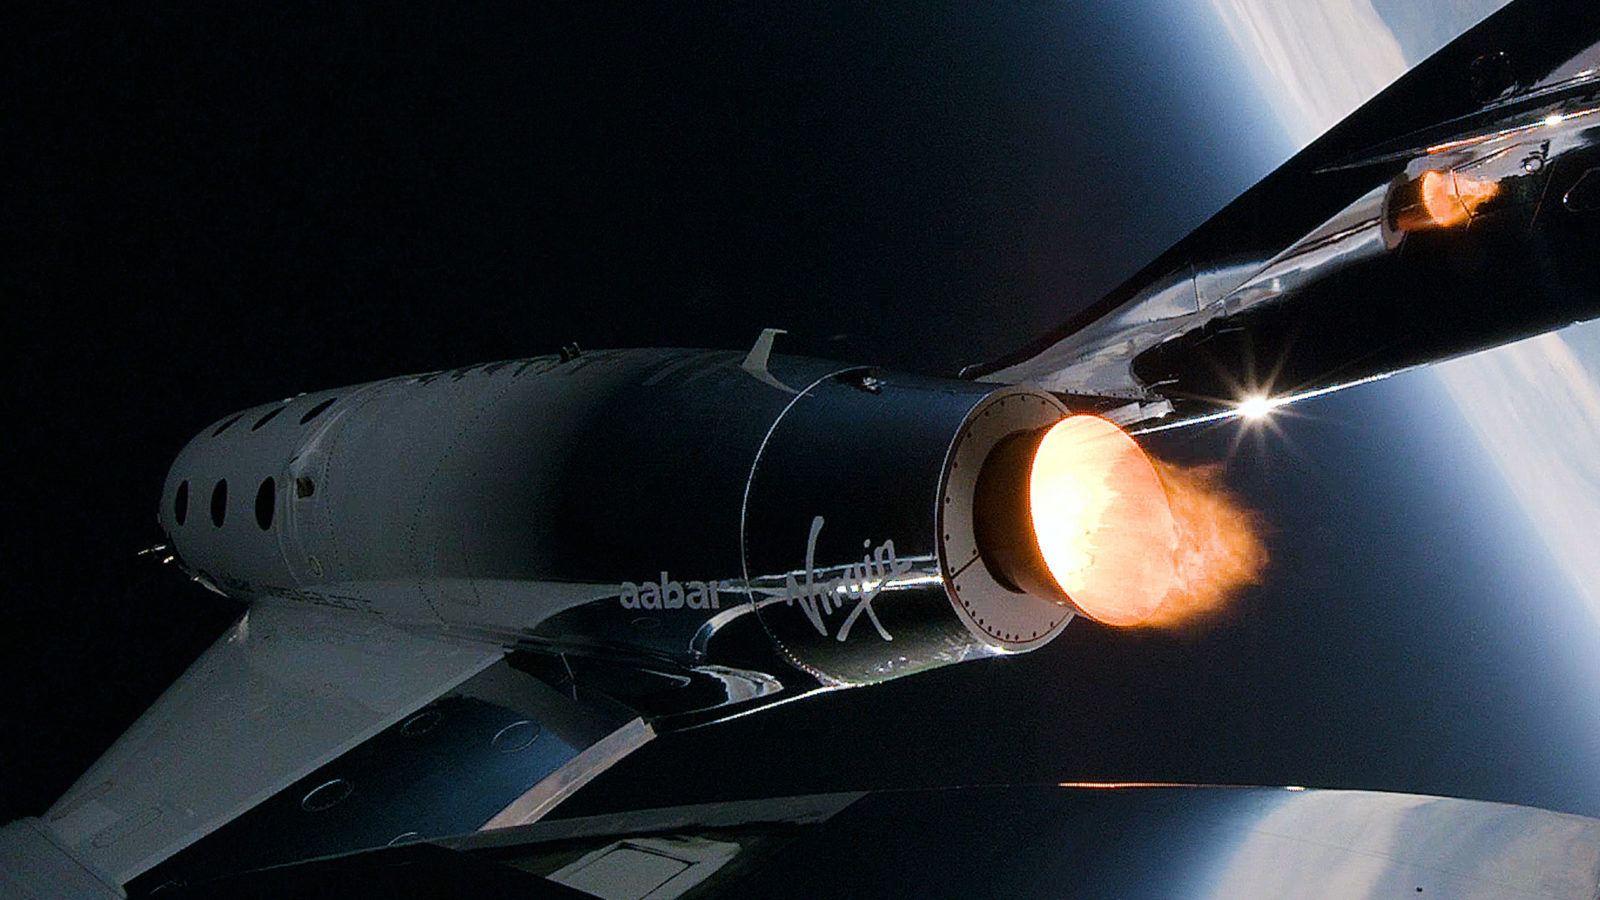 Viaggi nello spazio: Branson e la sua Virgin Galactic fanno rotta verso Wall Street